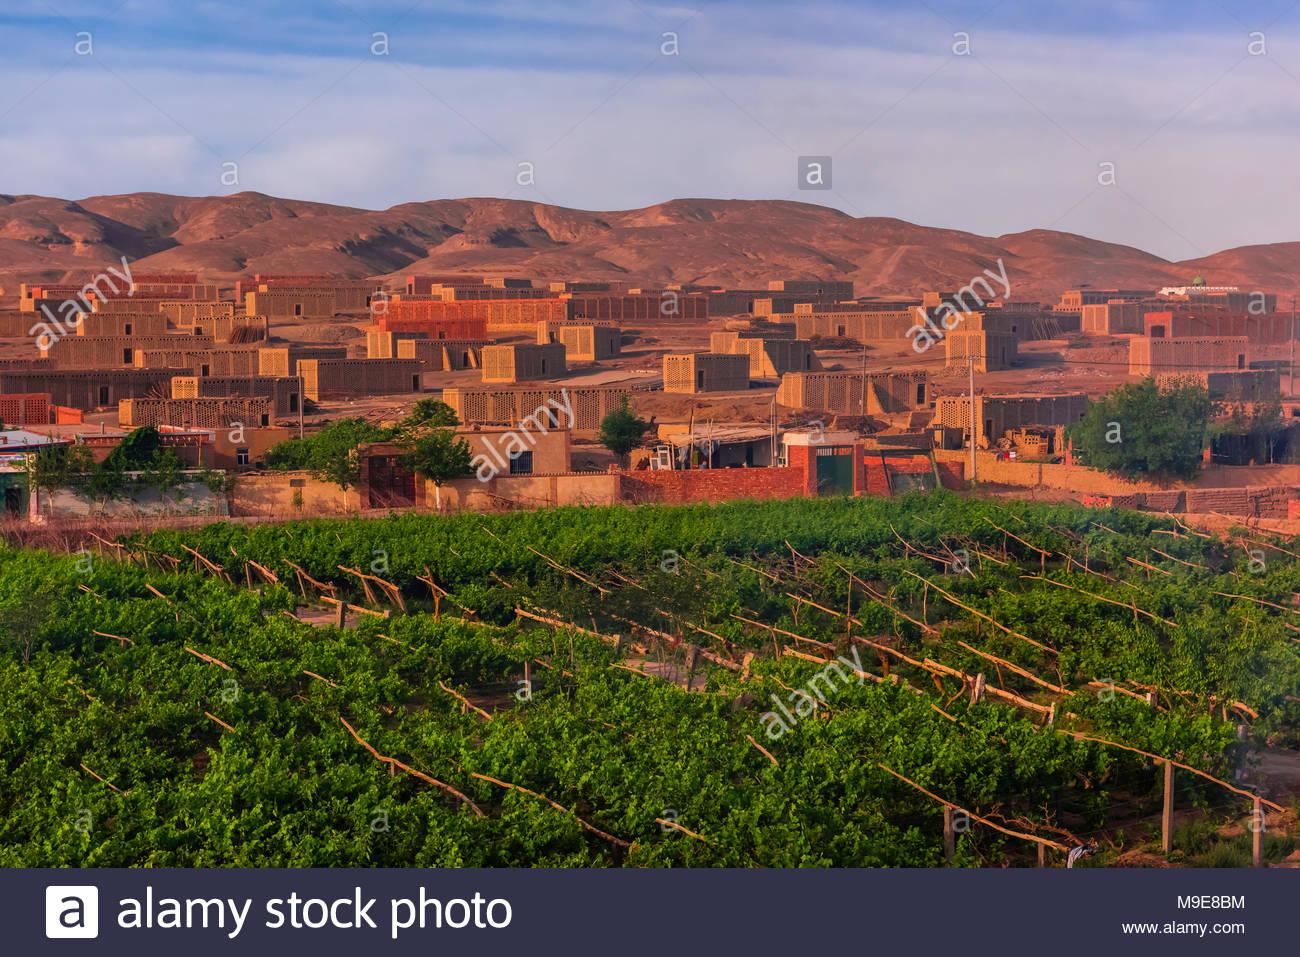 Uva case di essiccazione nella valle Yarnaz, Turpan, provincia dello Xinjiang. Turpan è un oasi nel deserto. Acqua per l'agricoltura proviene da un impressionante anci Immagini Stock